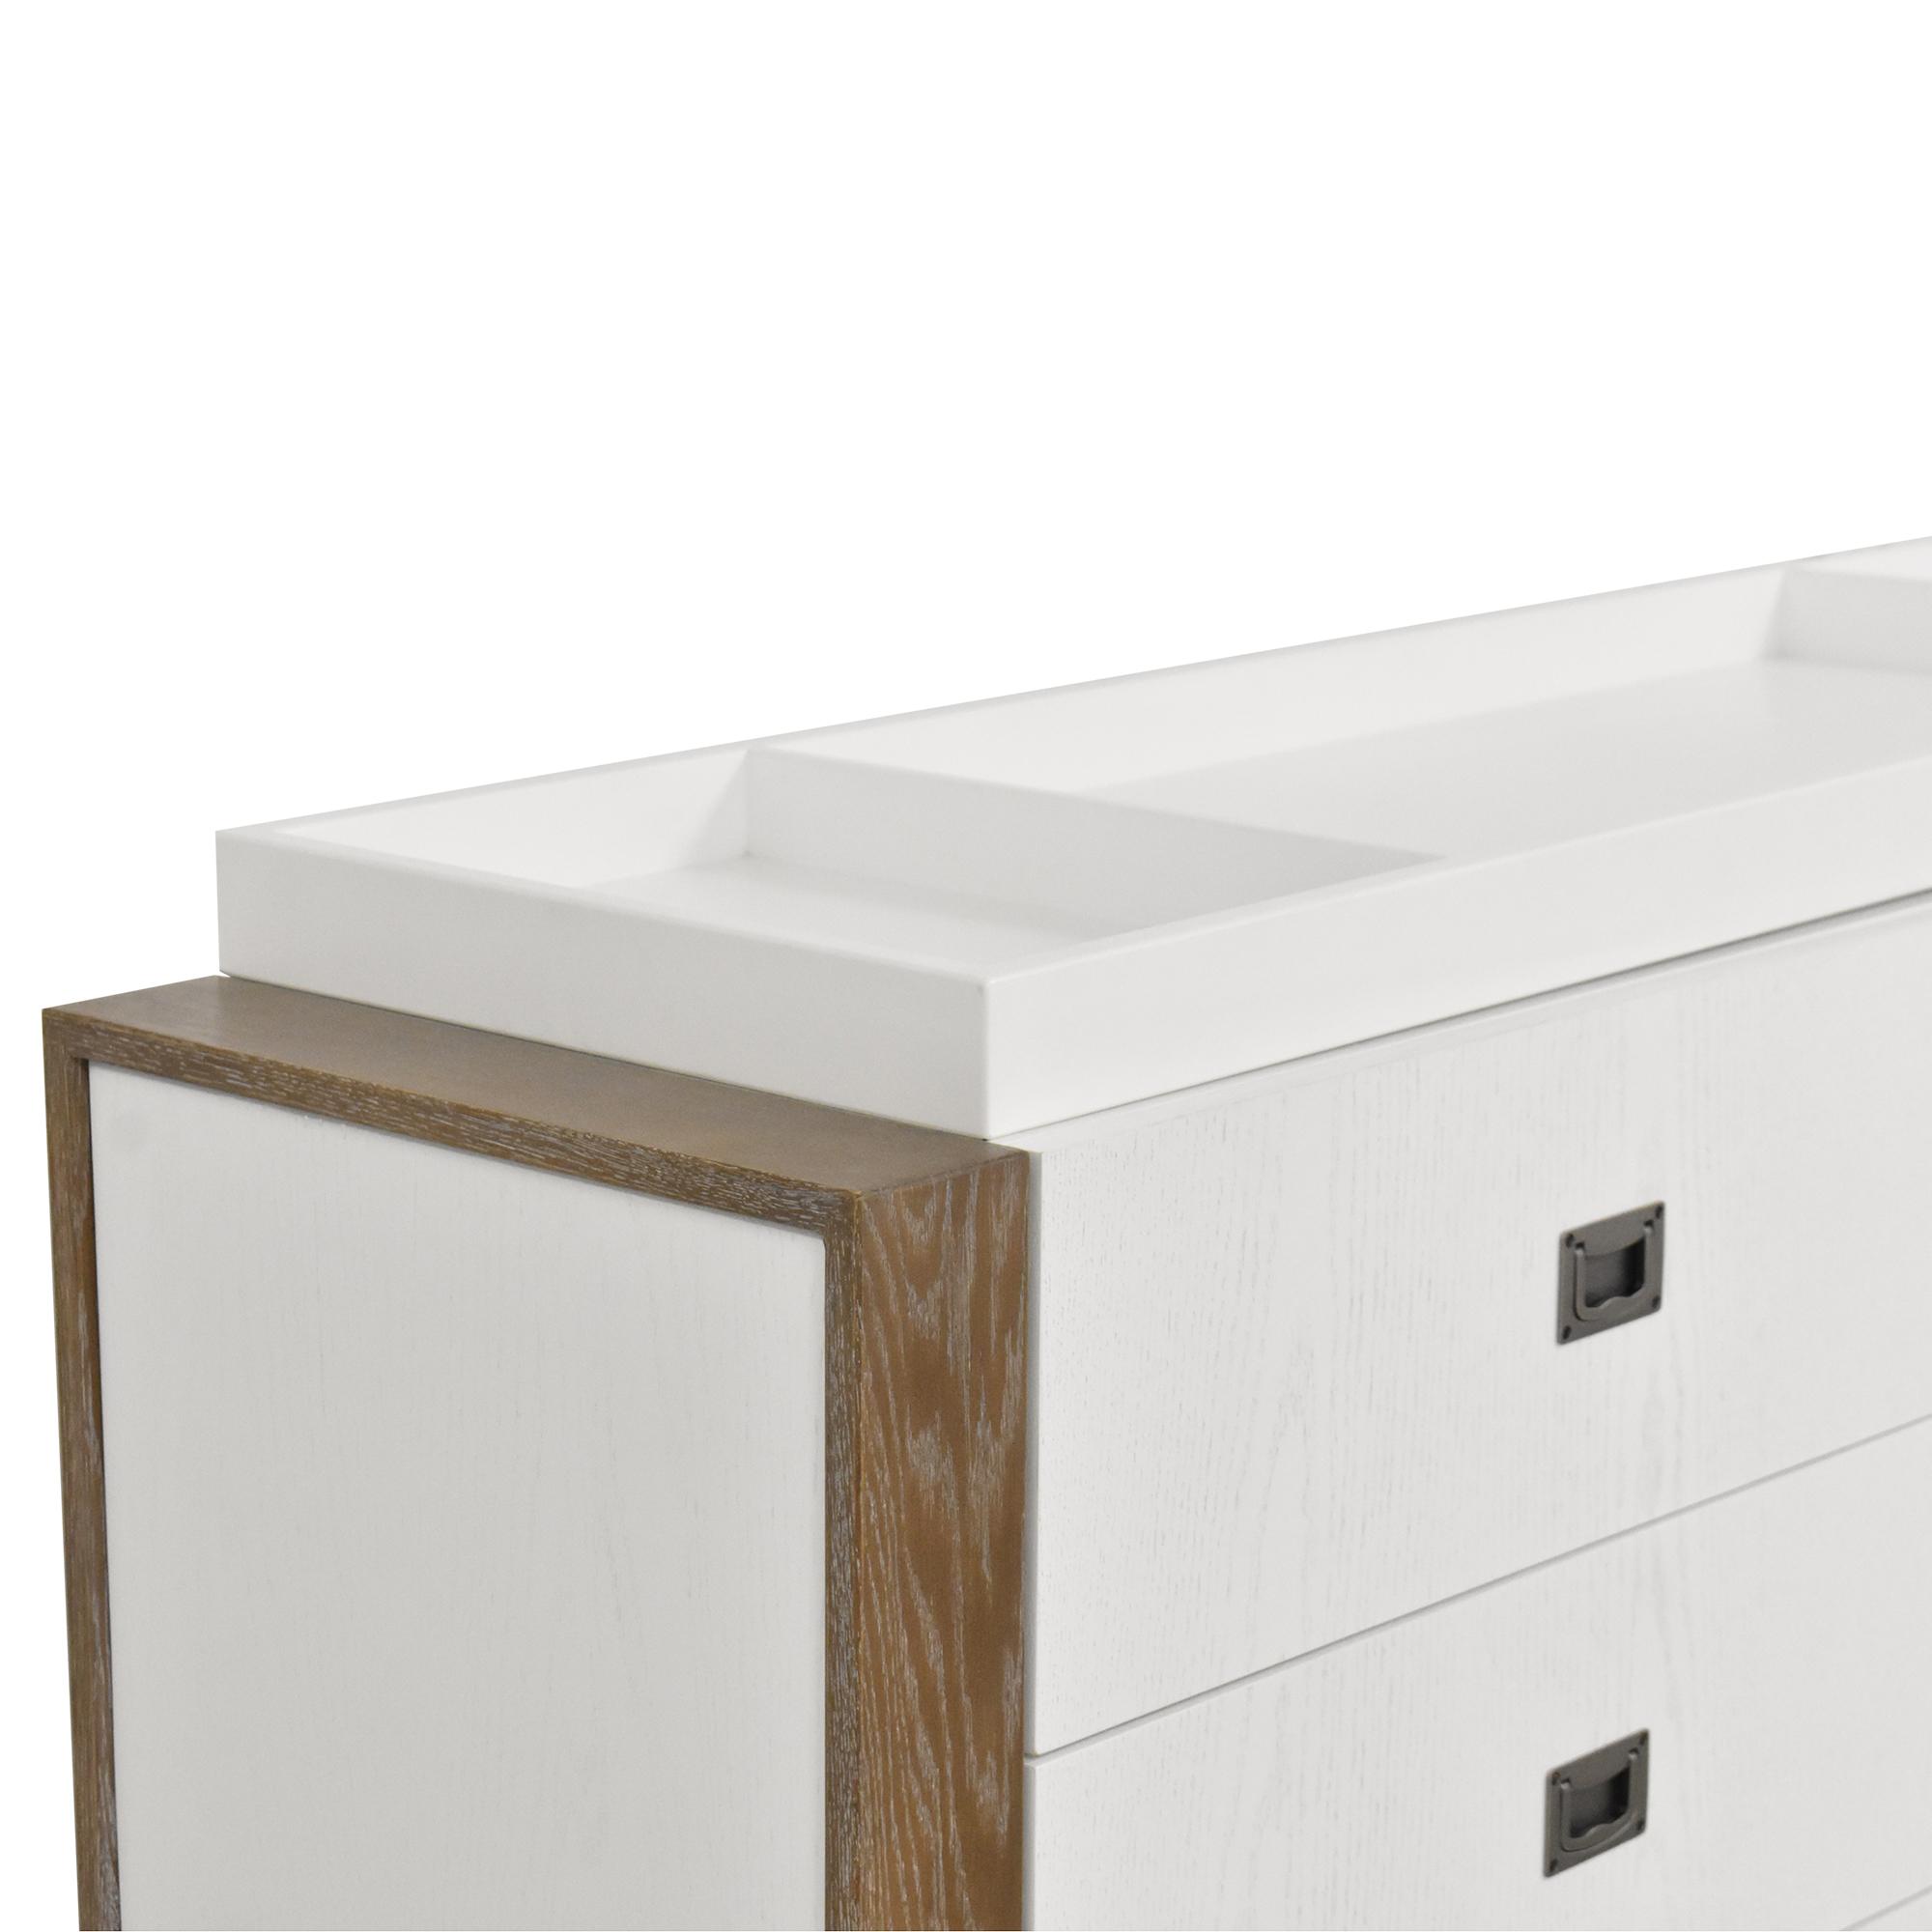 shop ducduc Austin Double-Wide Changer ducduc Dressers